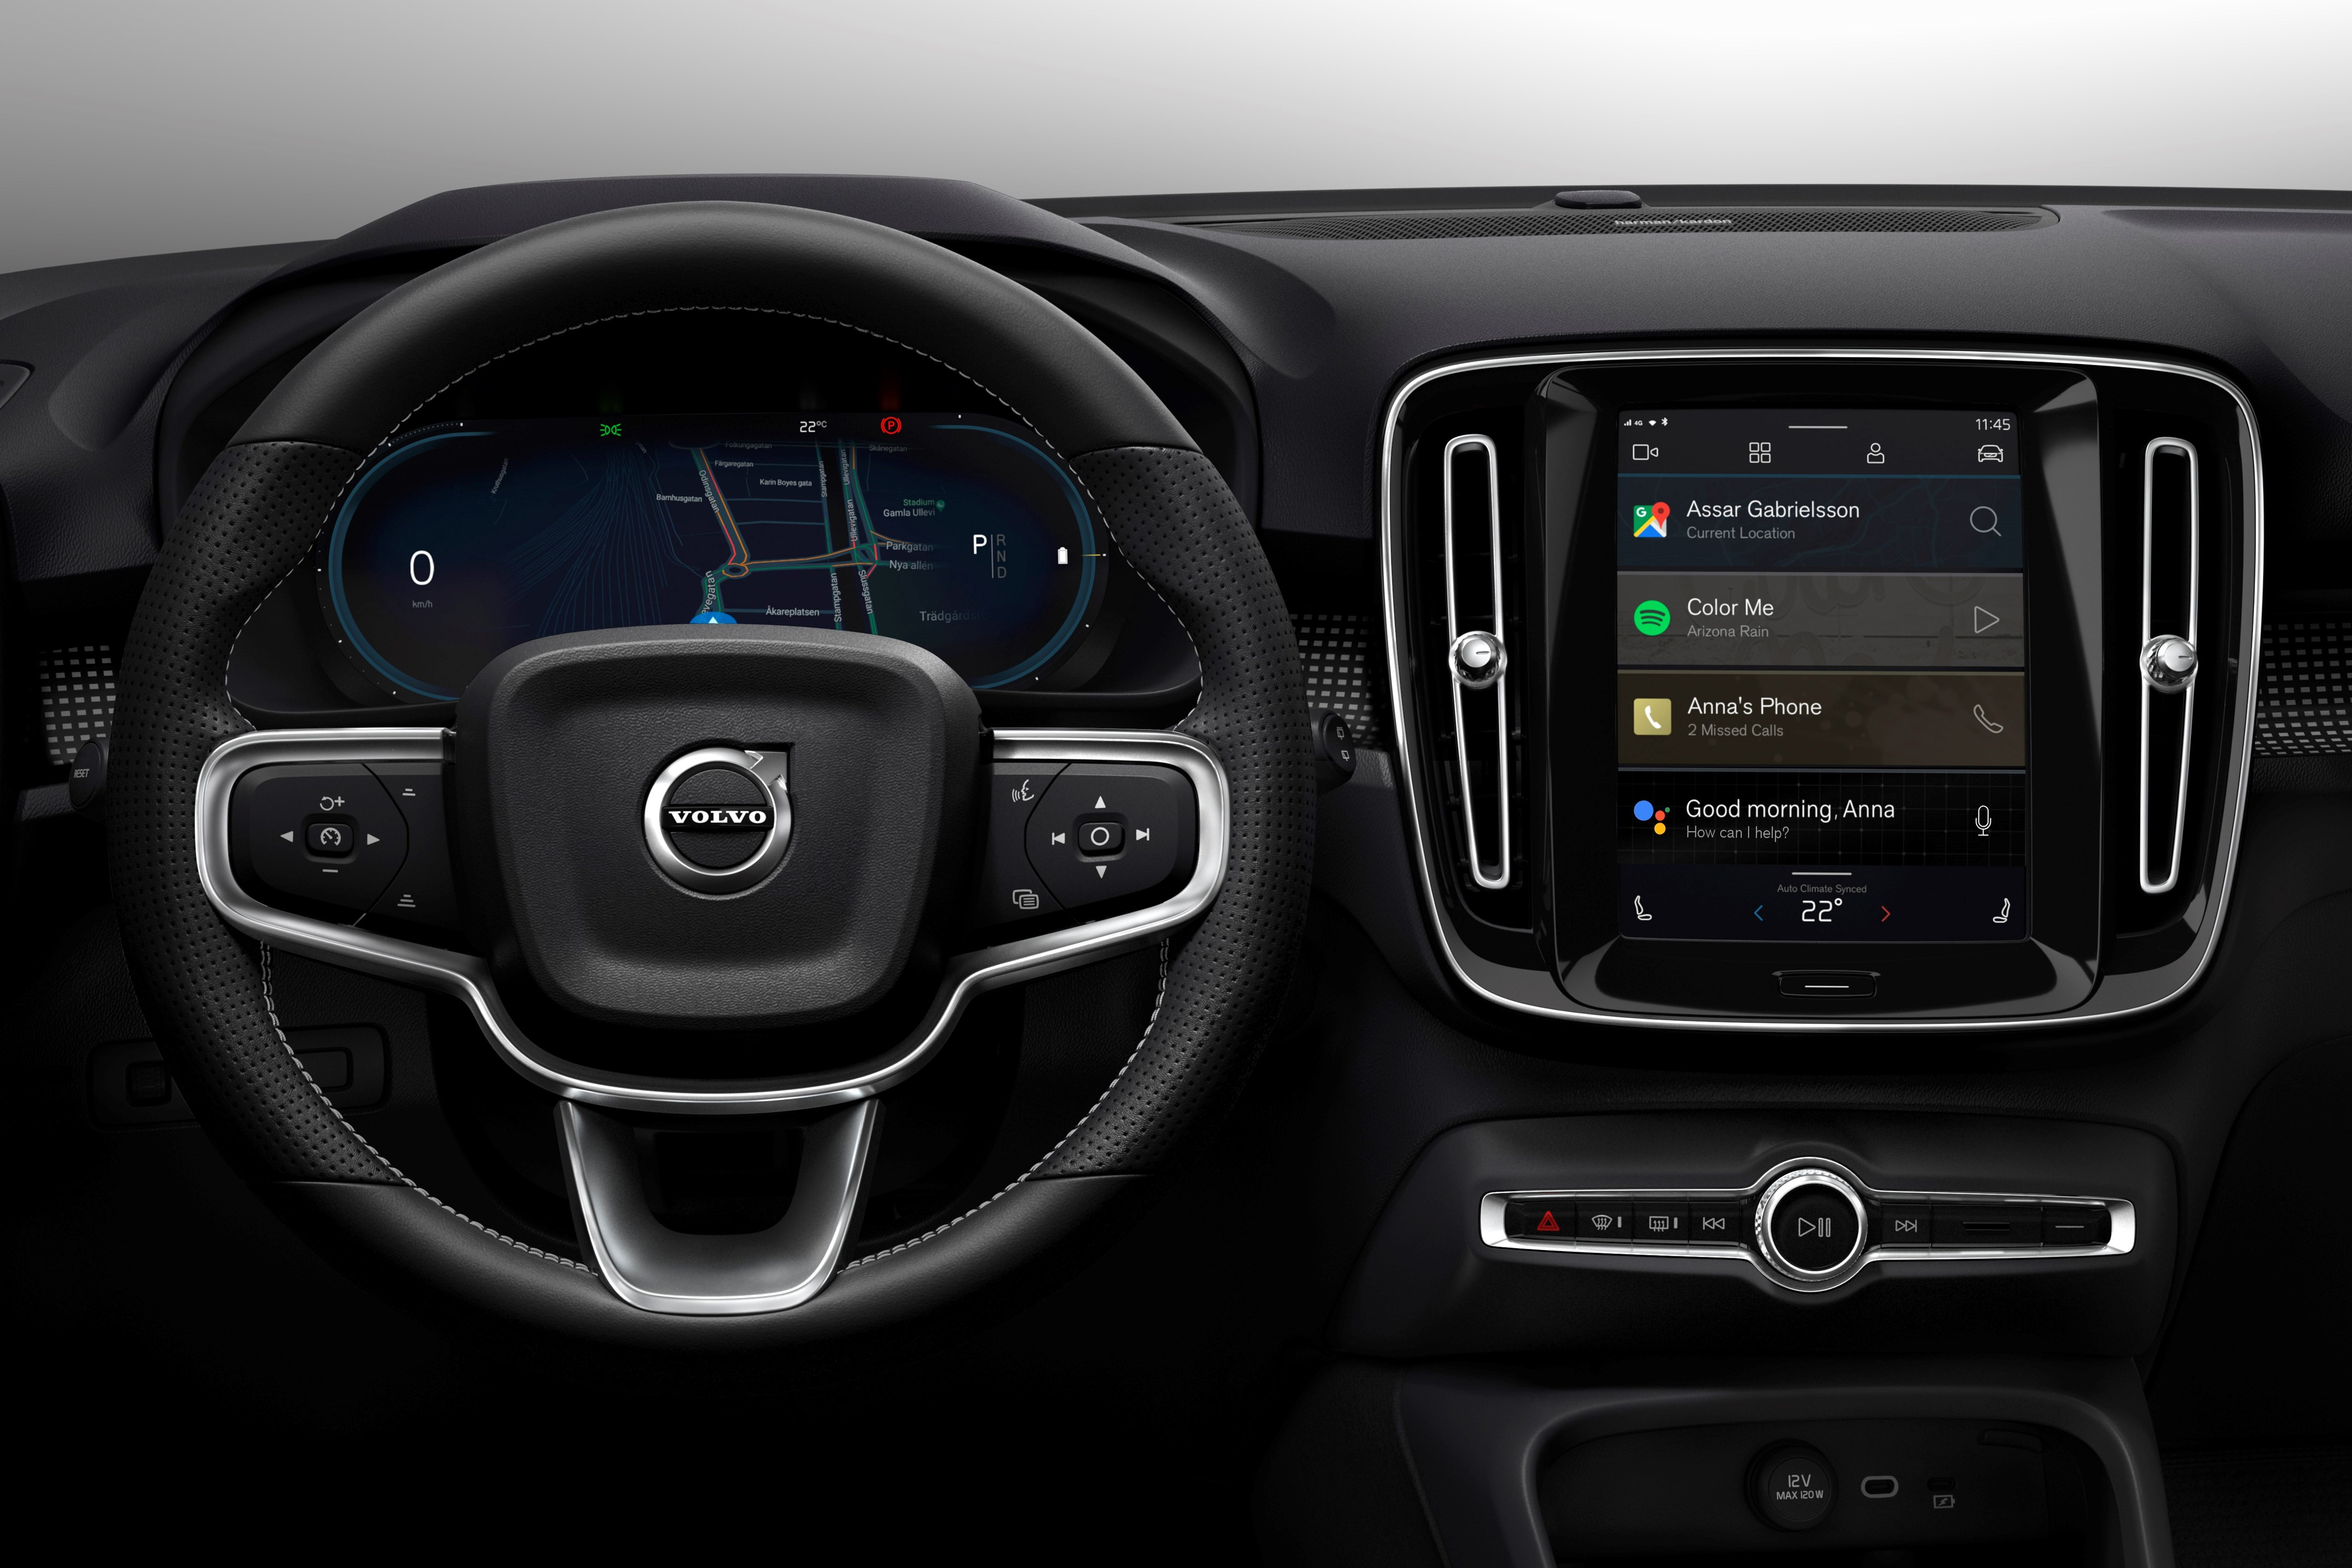 Volvo công bố mẫu xe XC40 Recharge - chiếc ô tô điện đầu tiên của hãng